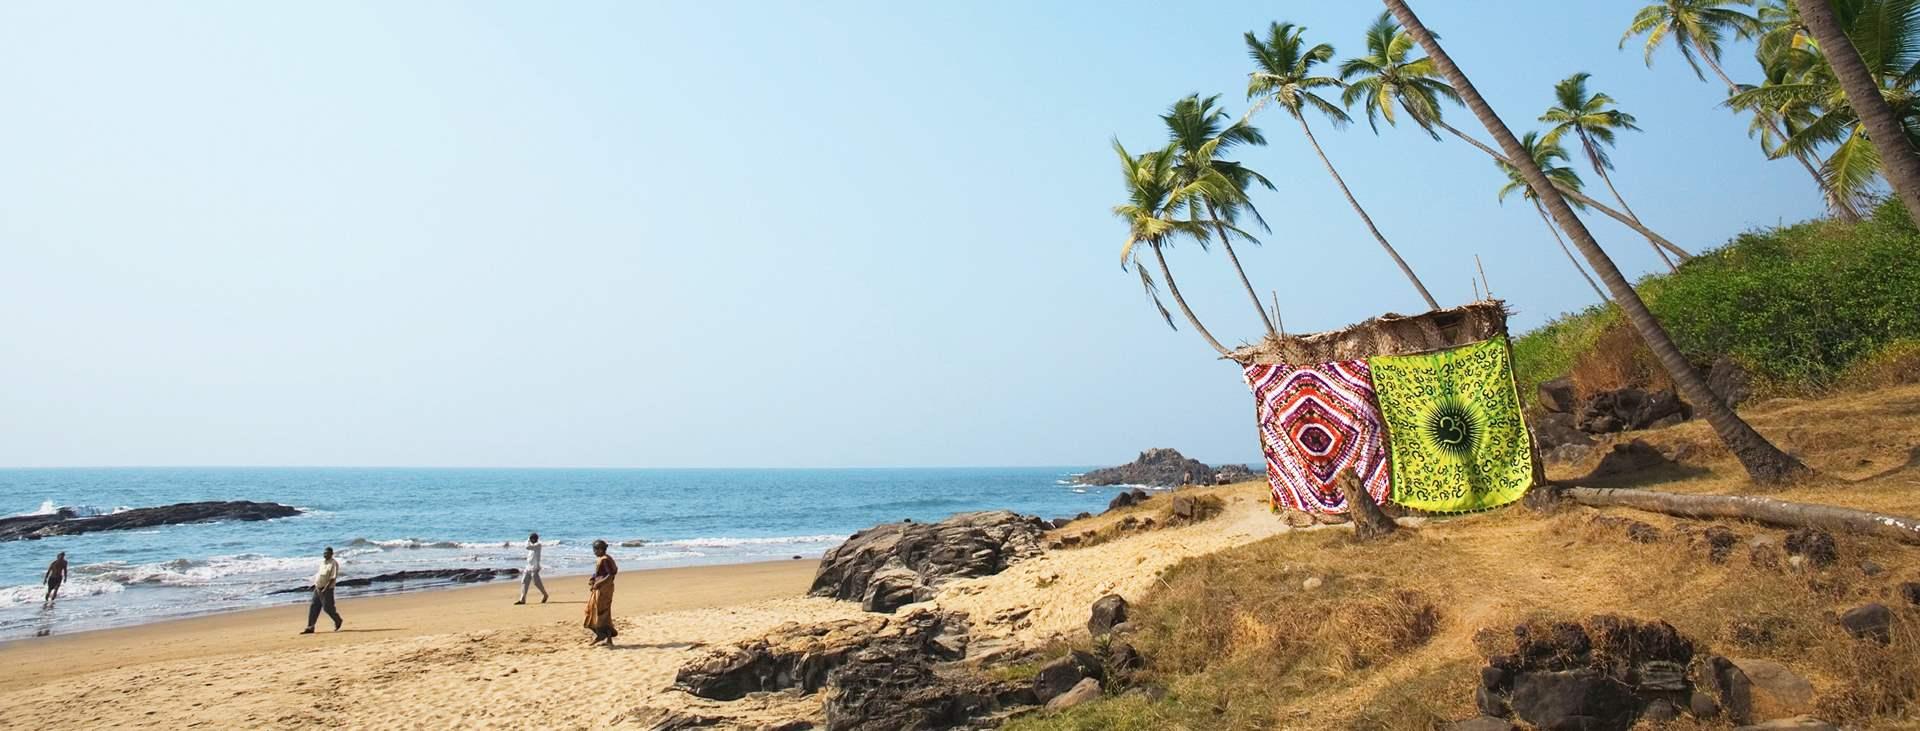 Bestill en reise til Nord-Goa i India med Ving